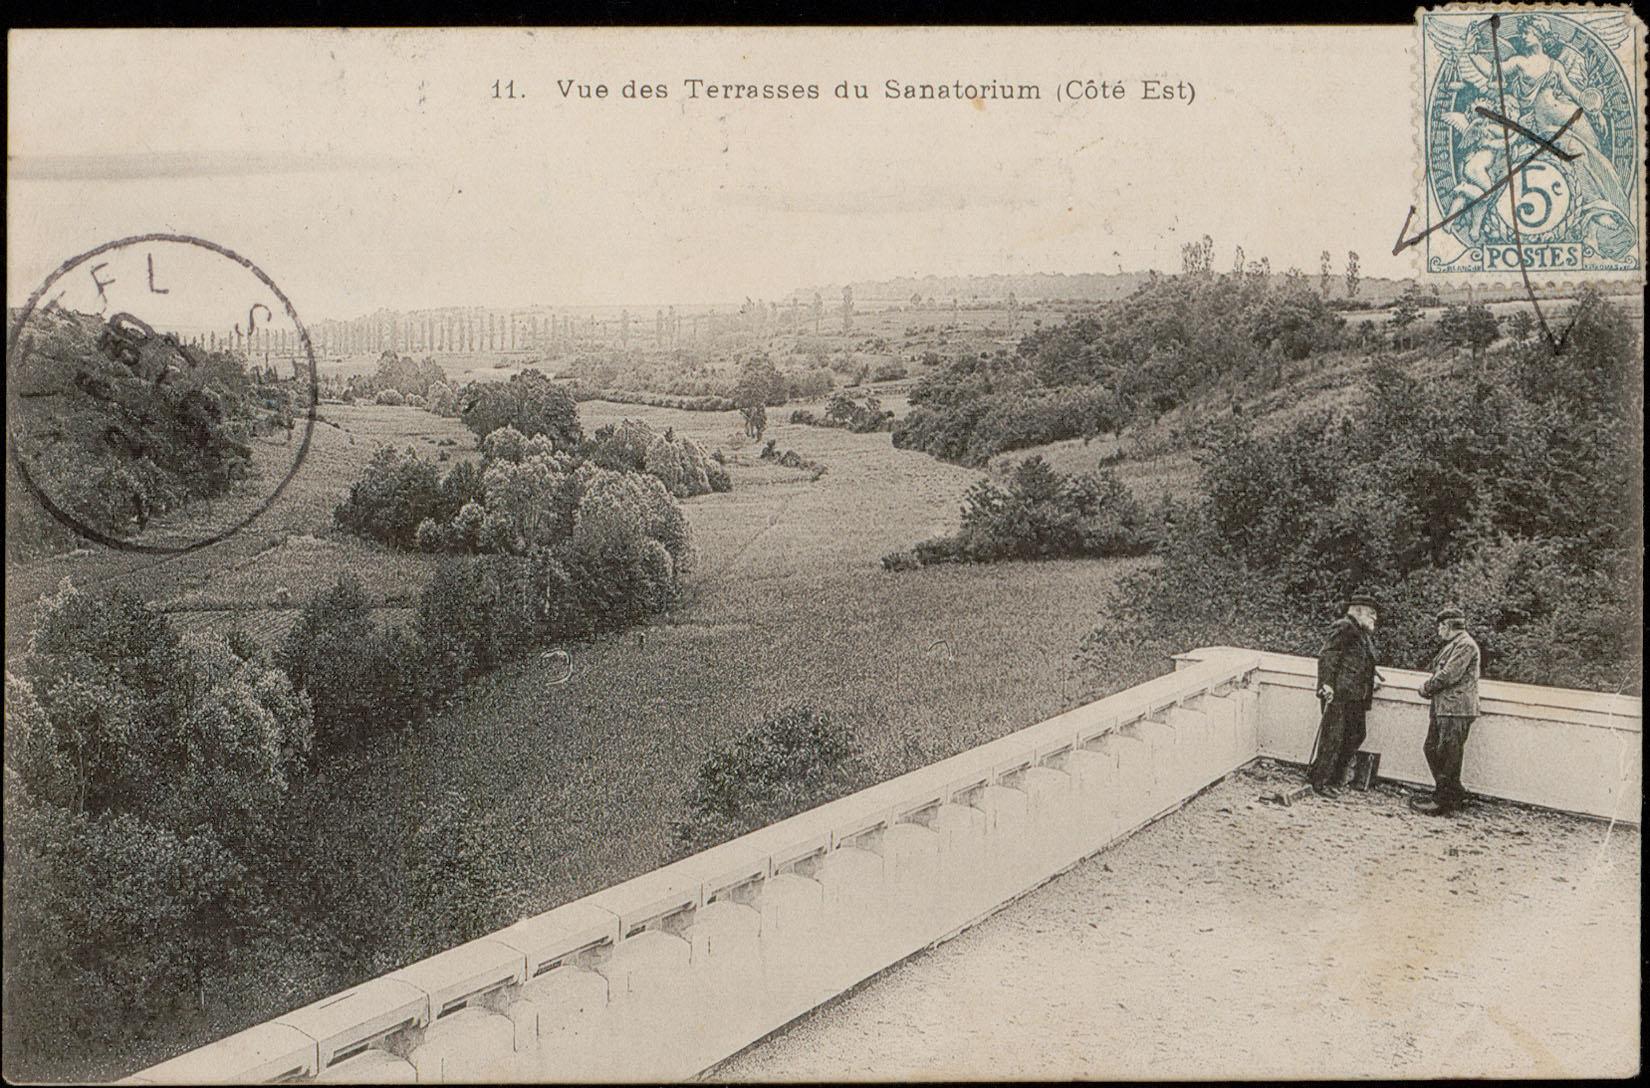 Contenu du Vue des Terrasses du Sanatorium (Côté Est)